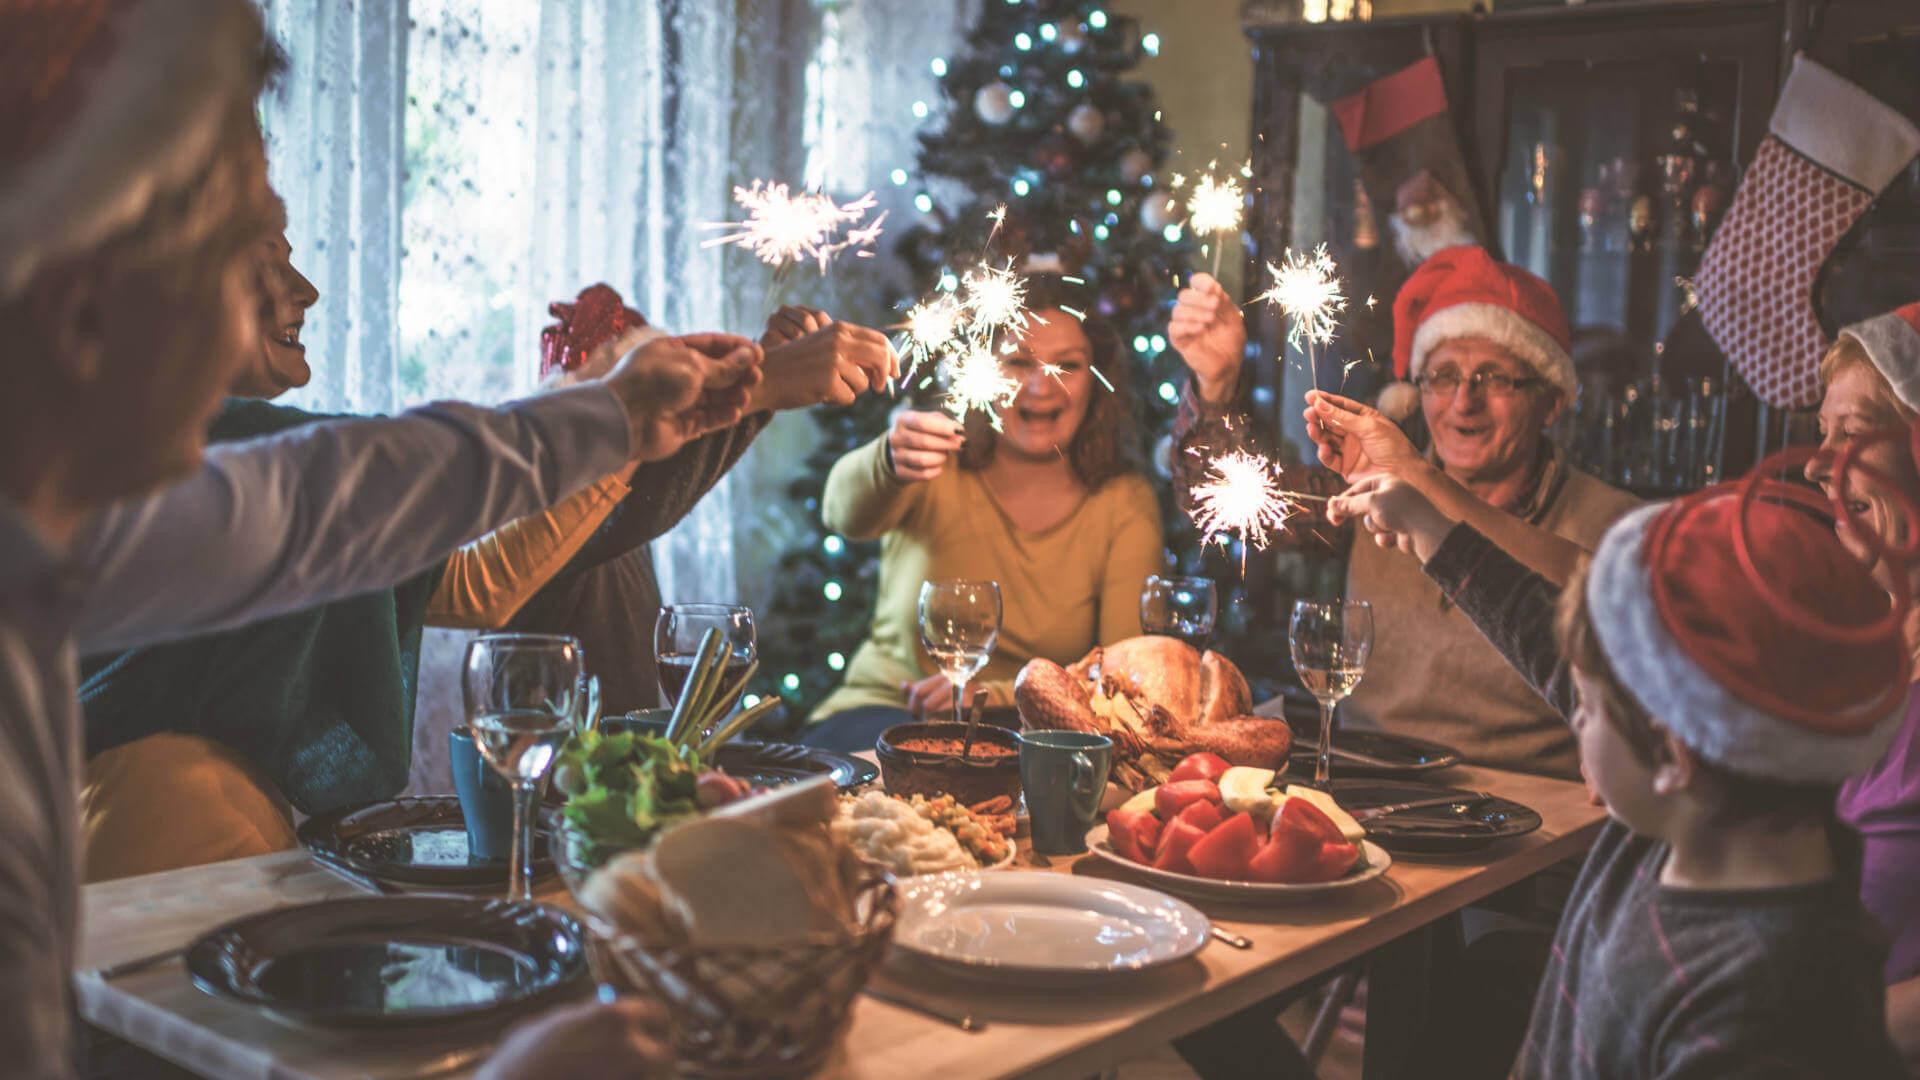 cena nochebuena familia navidad